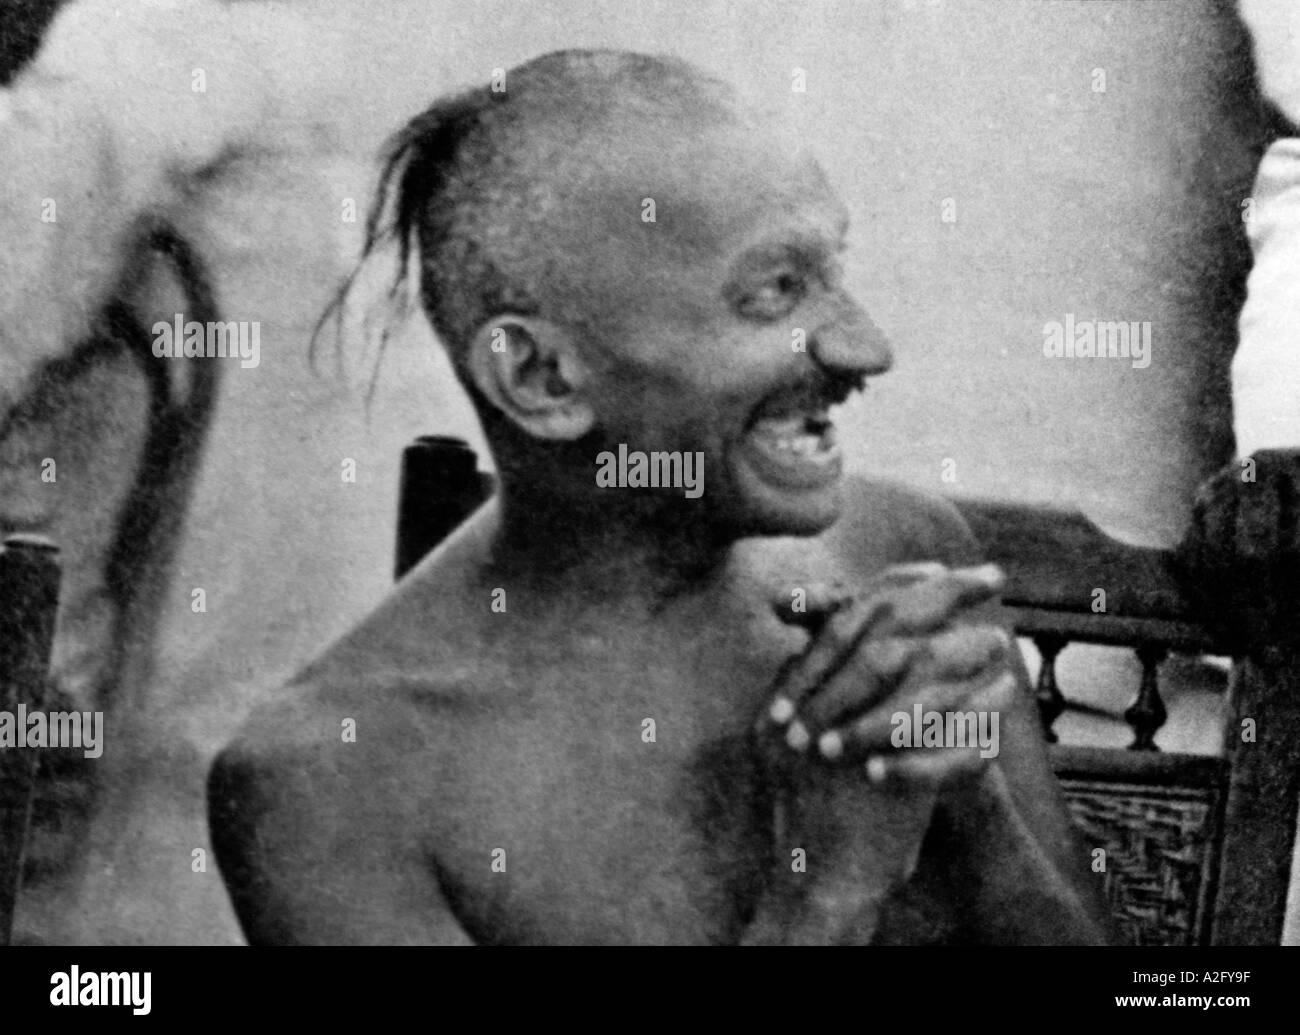 MKG32990 Mahatma Gandhi ridendo felice ad una festa a Chennai Tamilnadu India Settembre 1921 Immagini Stock